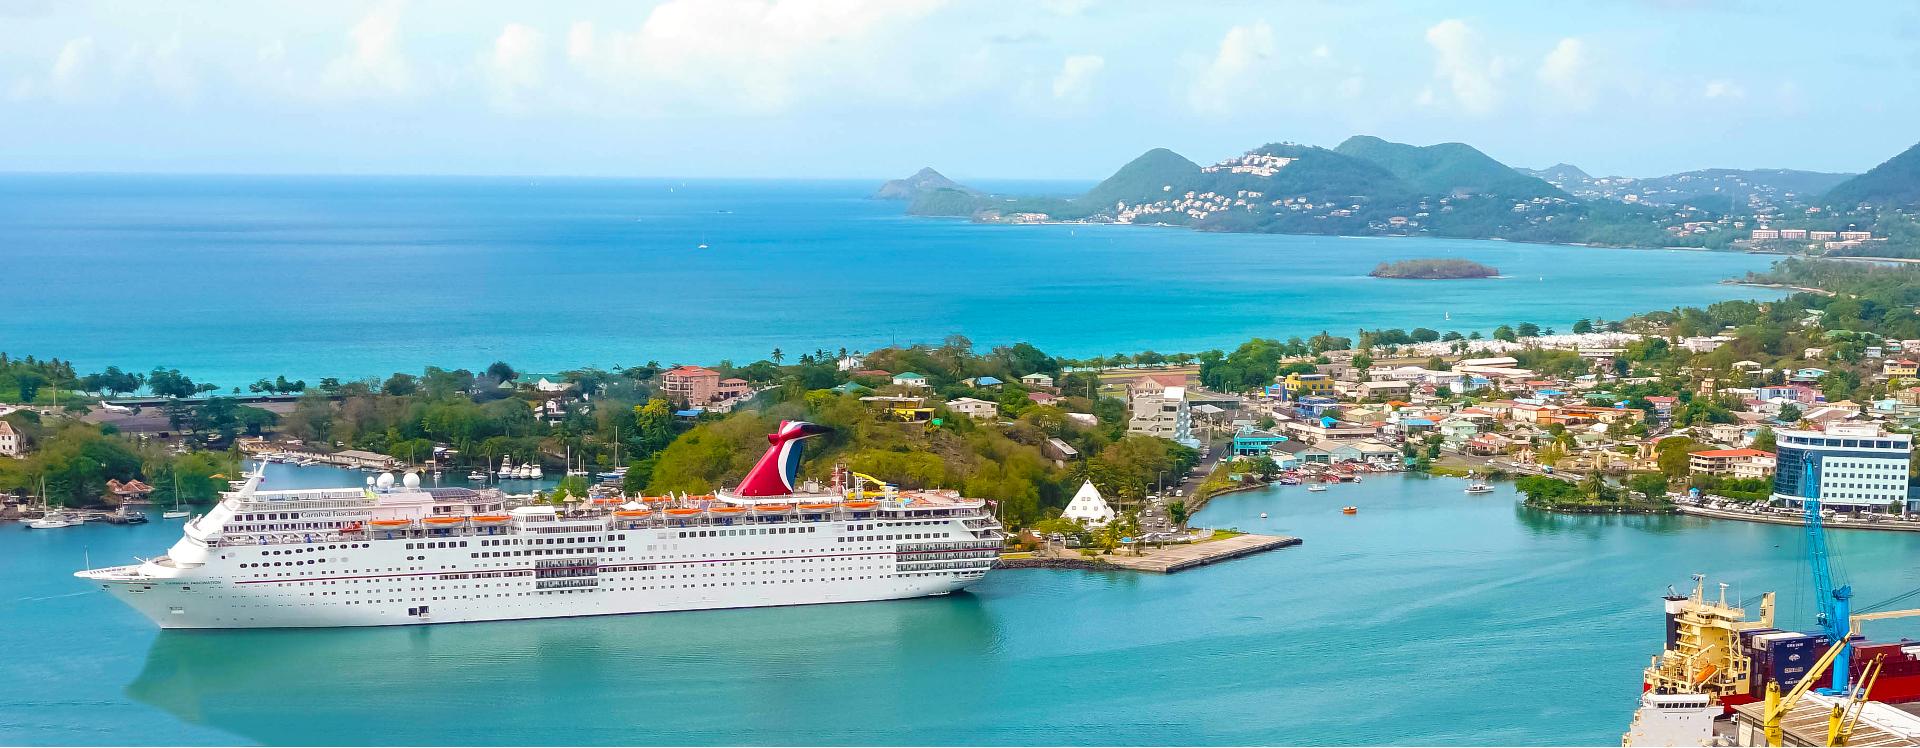 Carnival Cruises, Saint Lucia